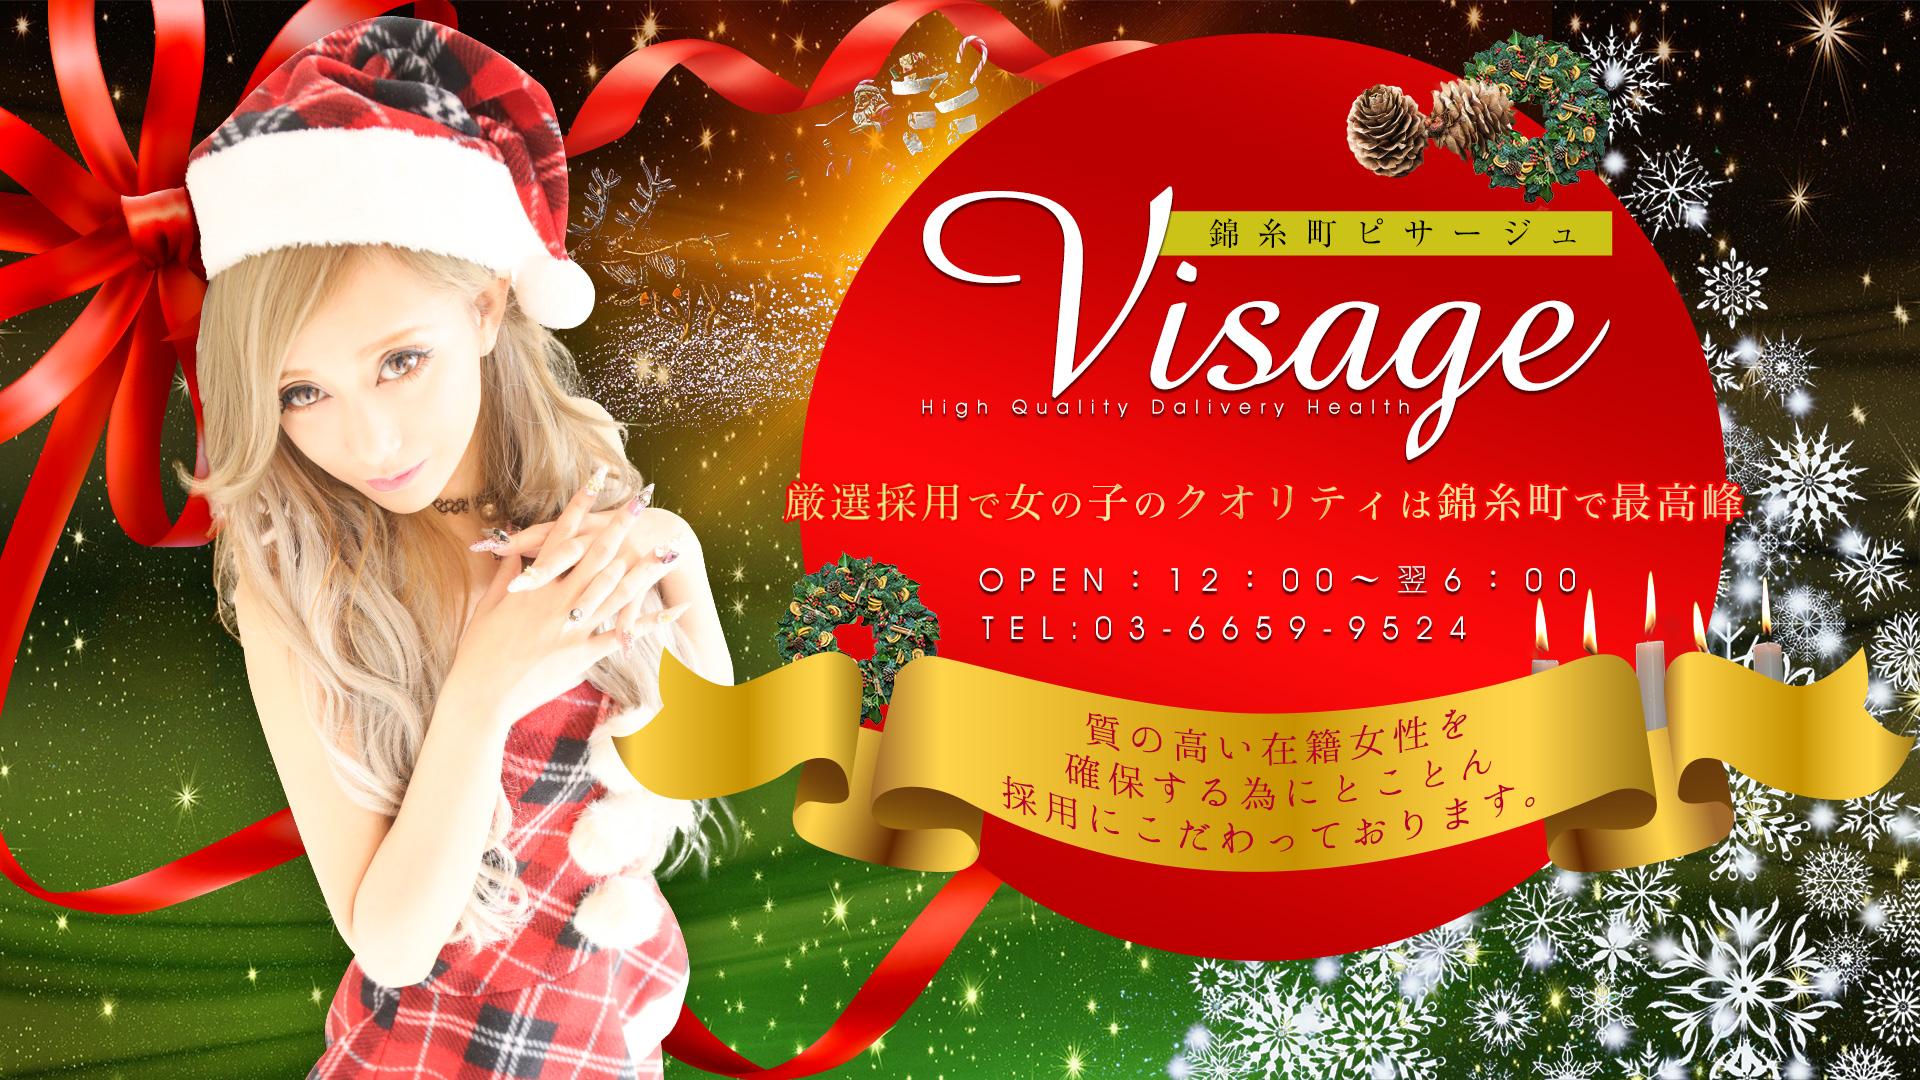 クリスマス,綺麗,デザイン,風俗,雪